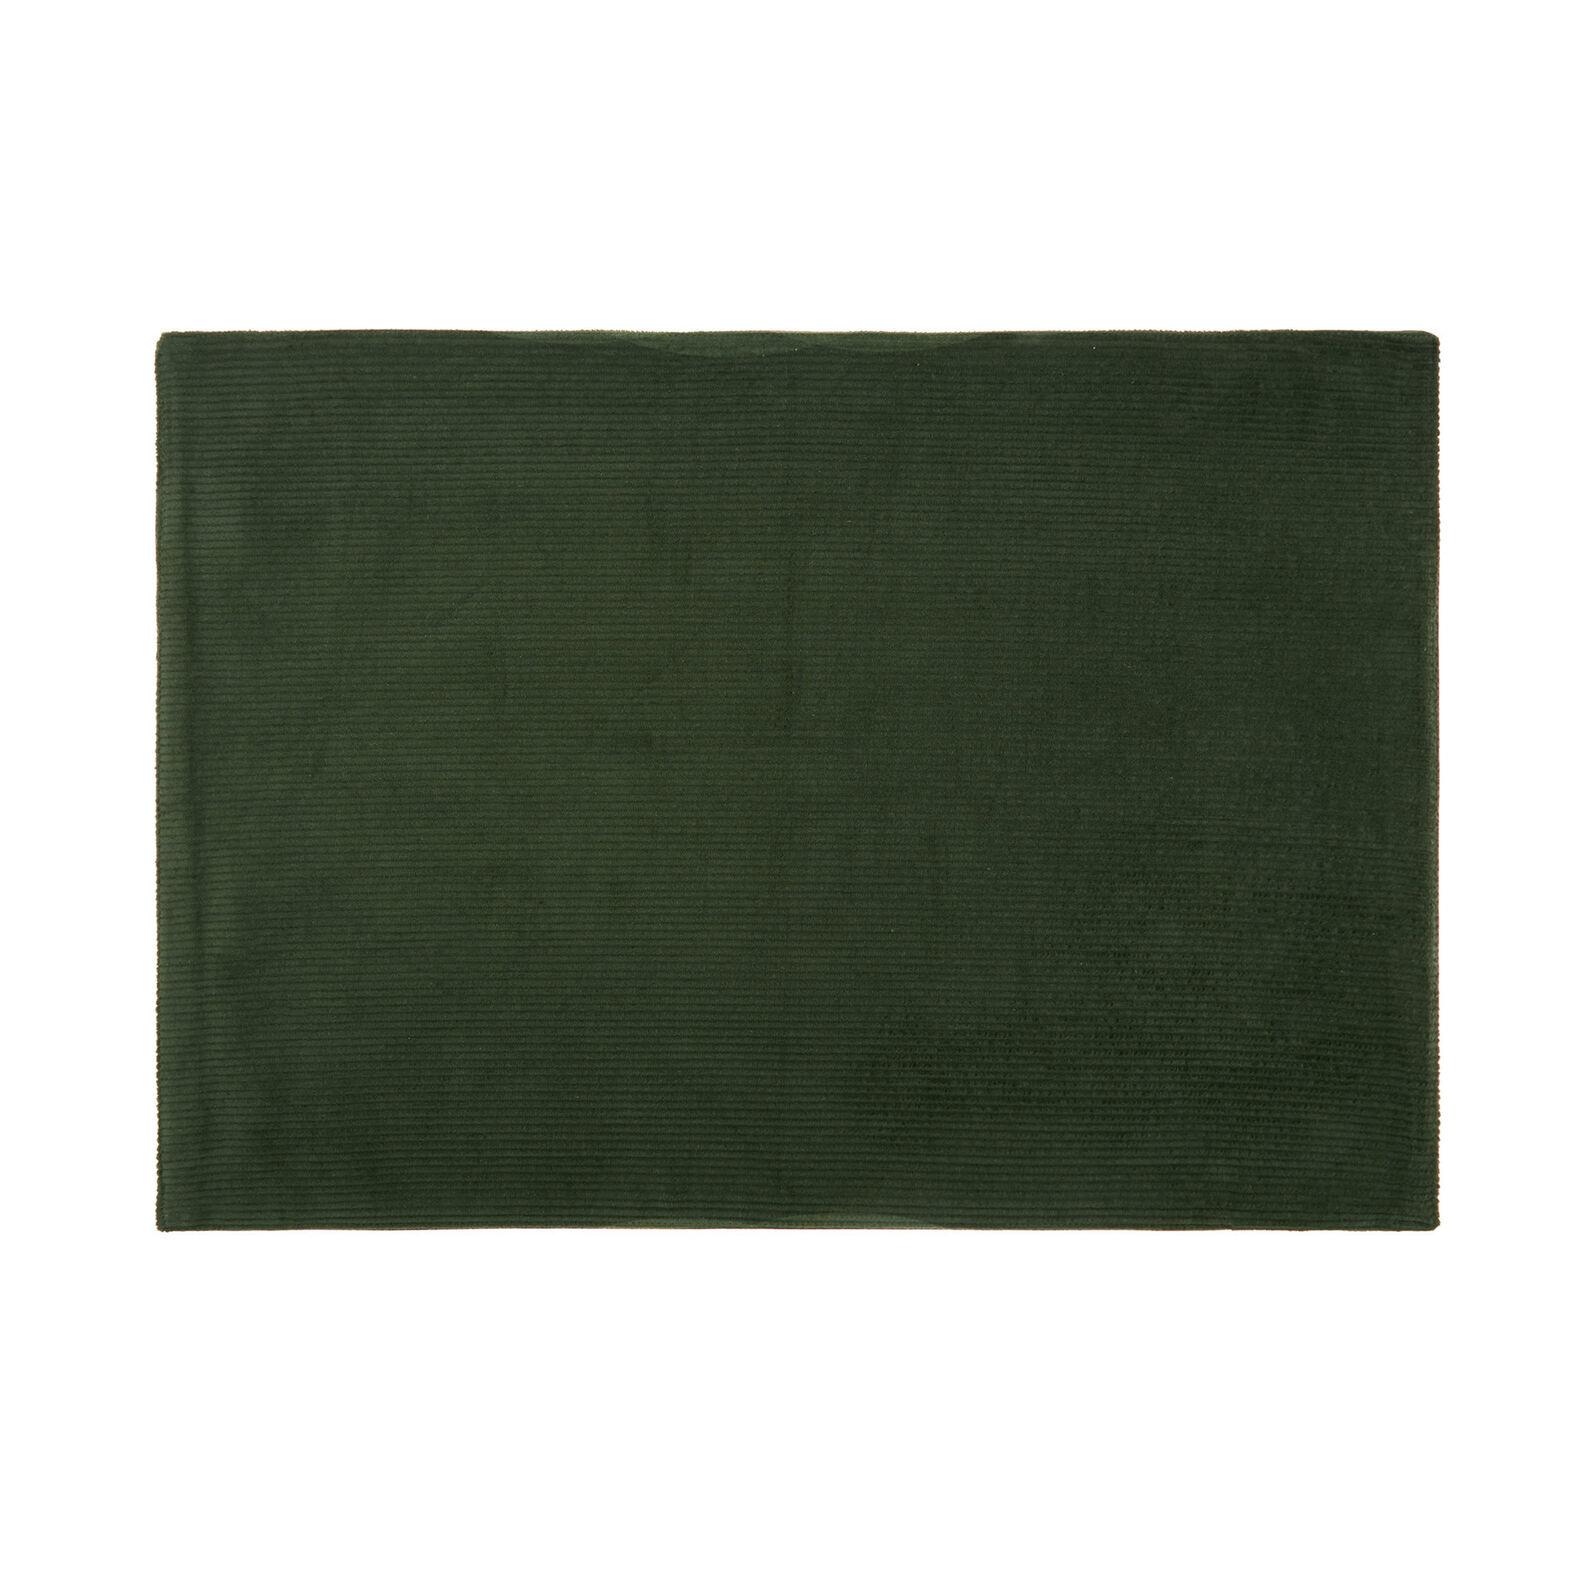 Solid colour cotton corduroy table mat